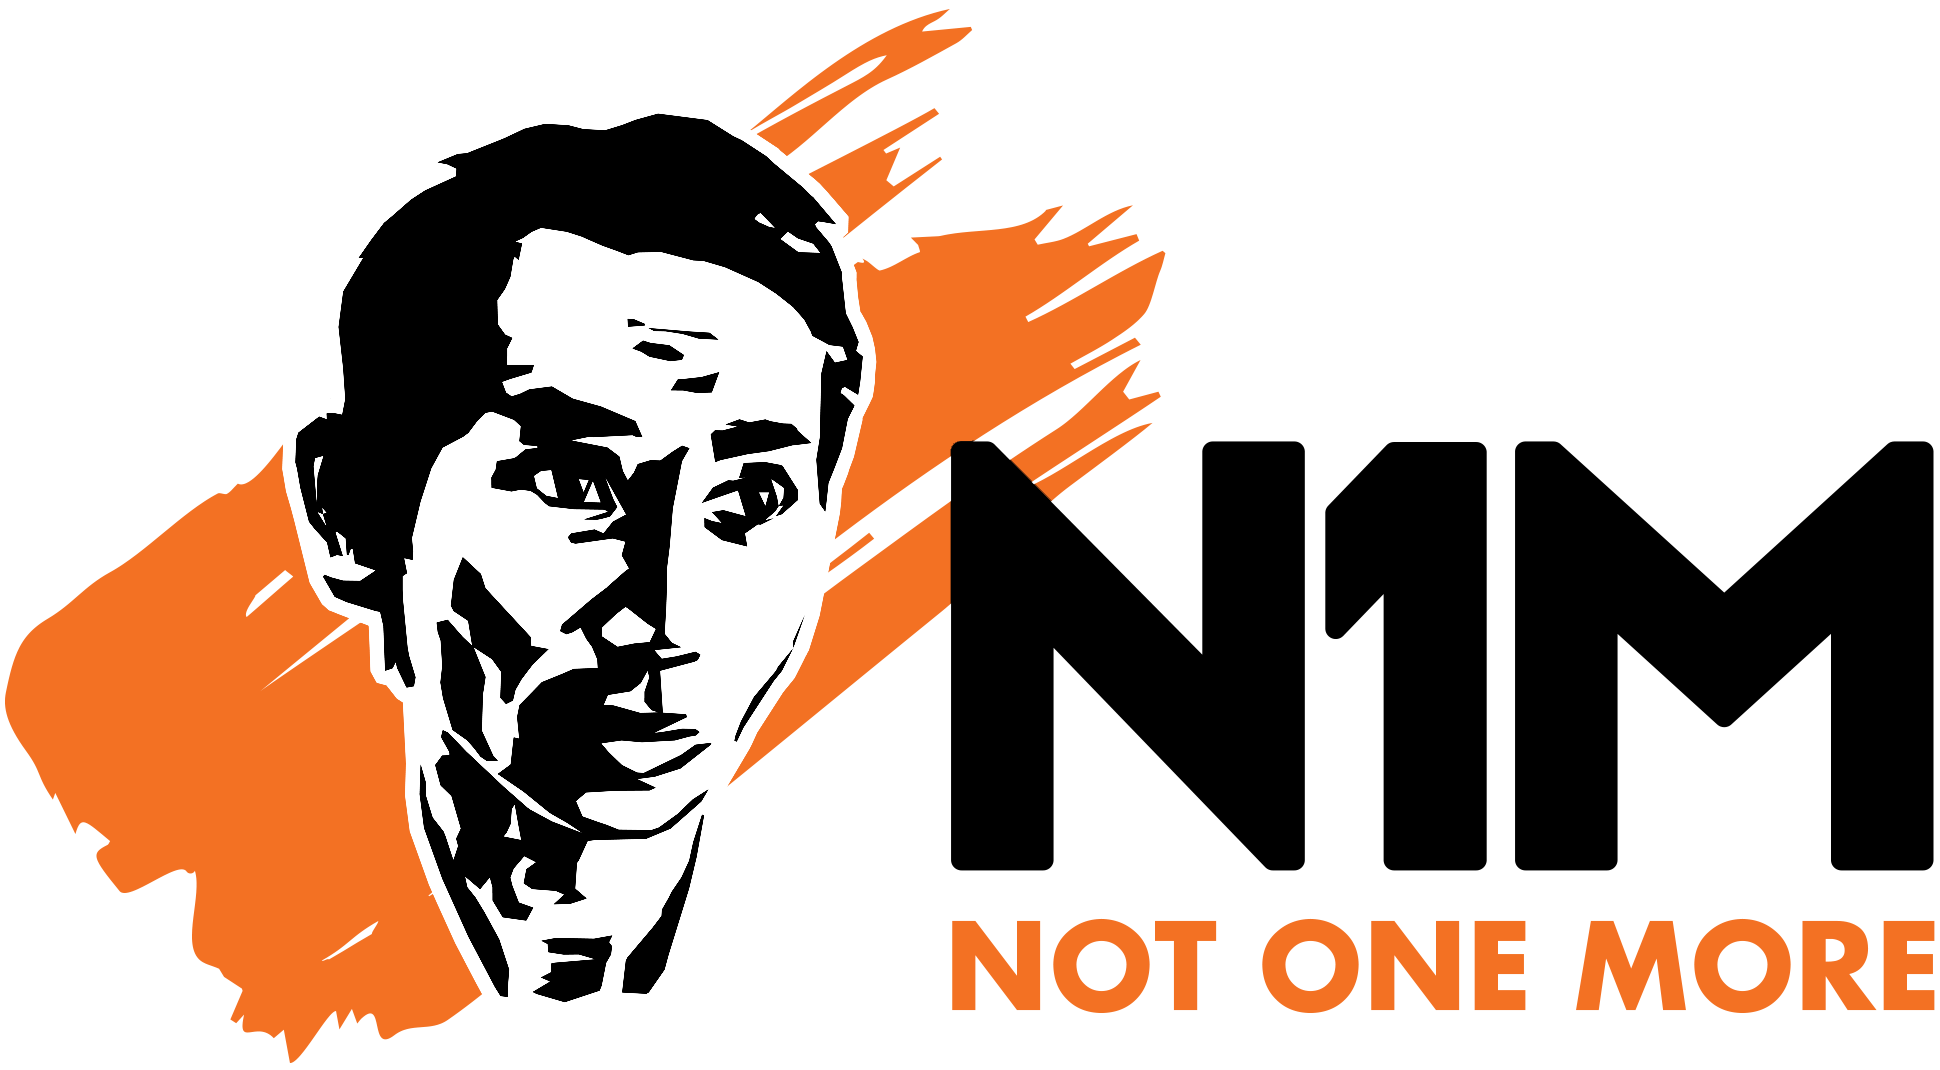 n1m_logo_transparentbg_1940x1070.png